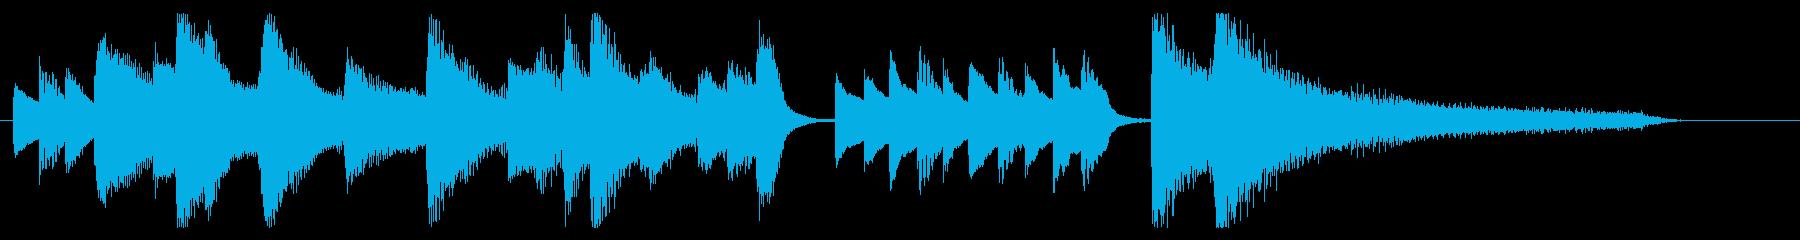 【休日はまったり1】の再生済みの波形